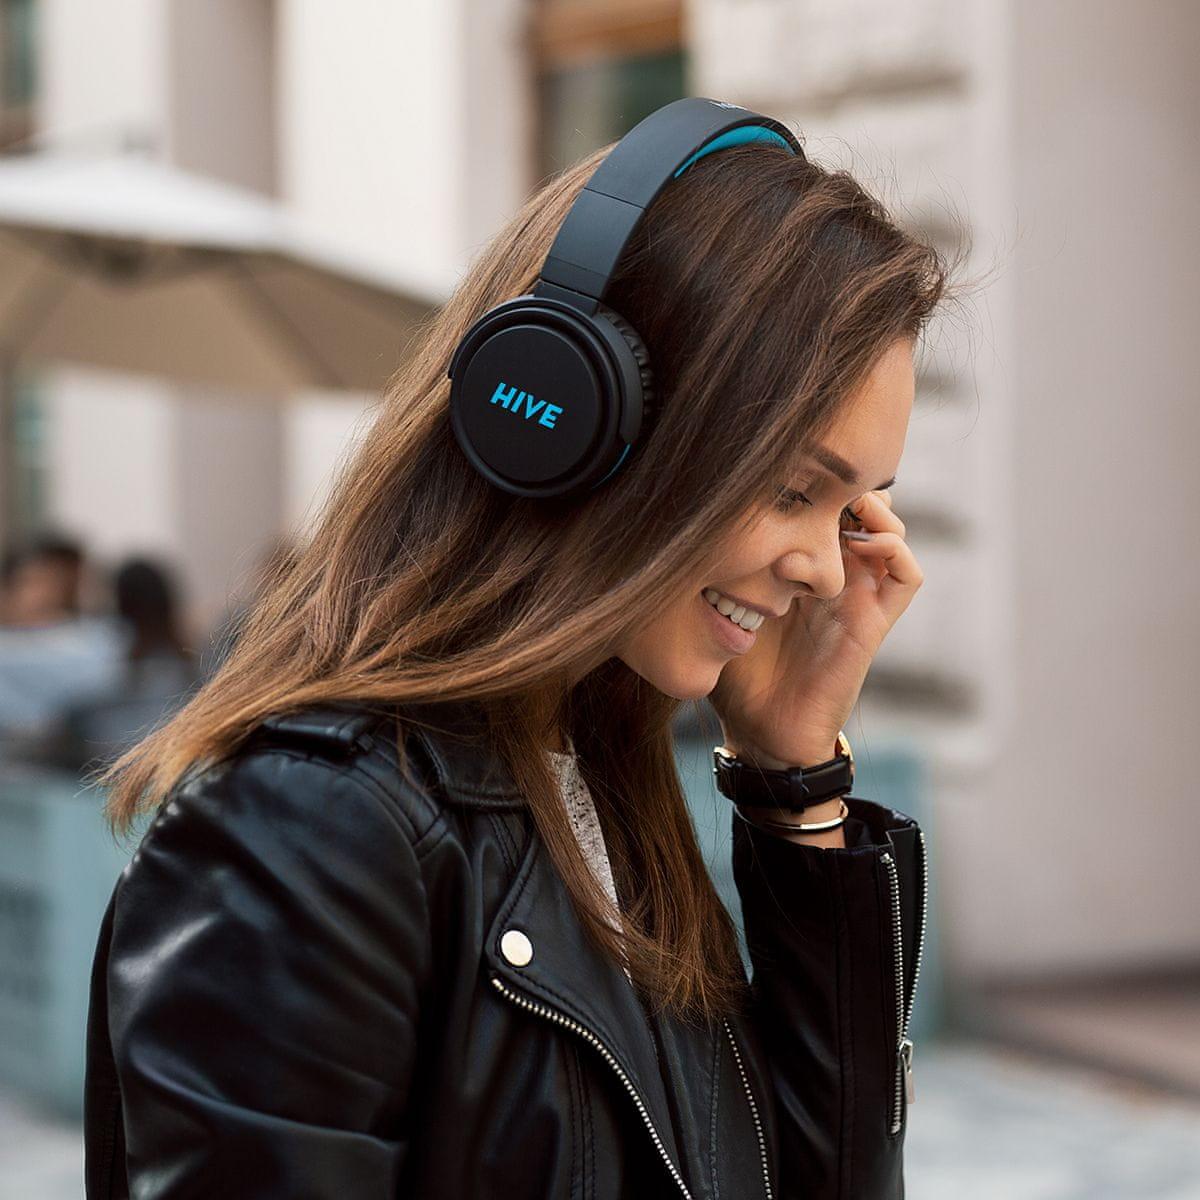 Sluchátka Niceboy HIVE XL izolace od okolí měkké náušníky audiokabel